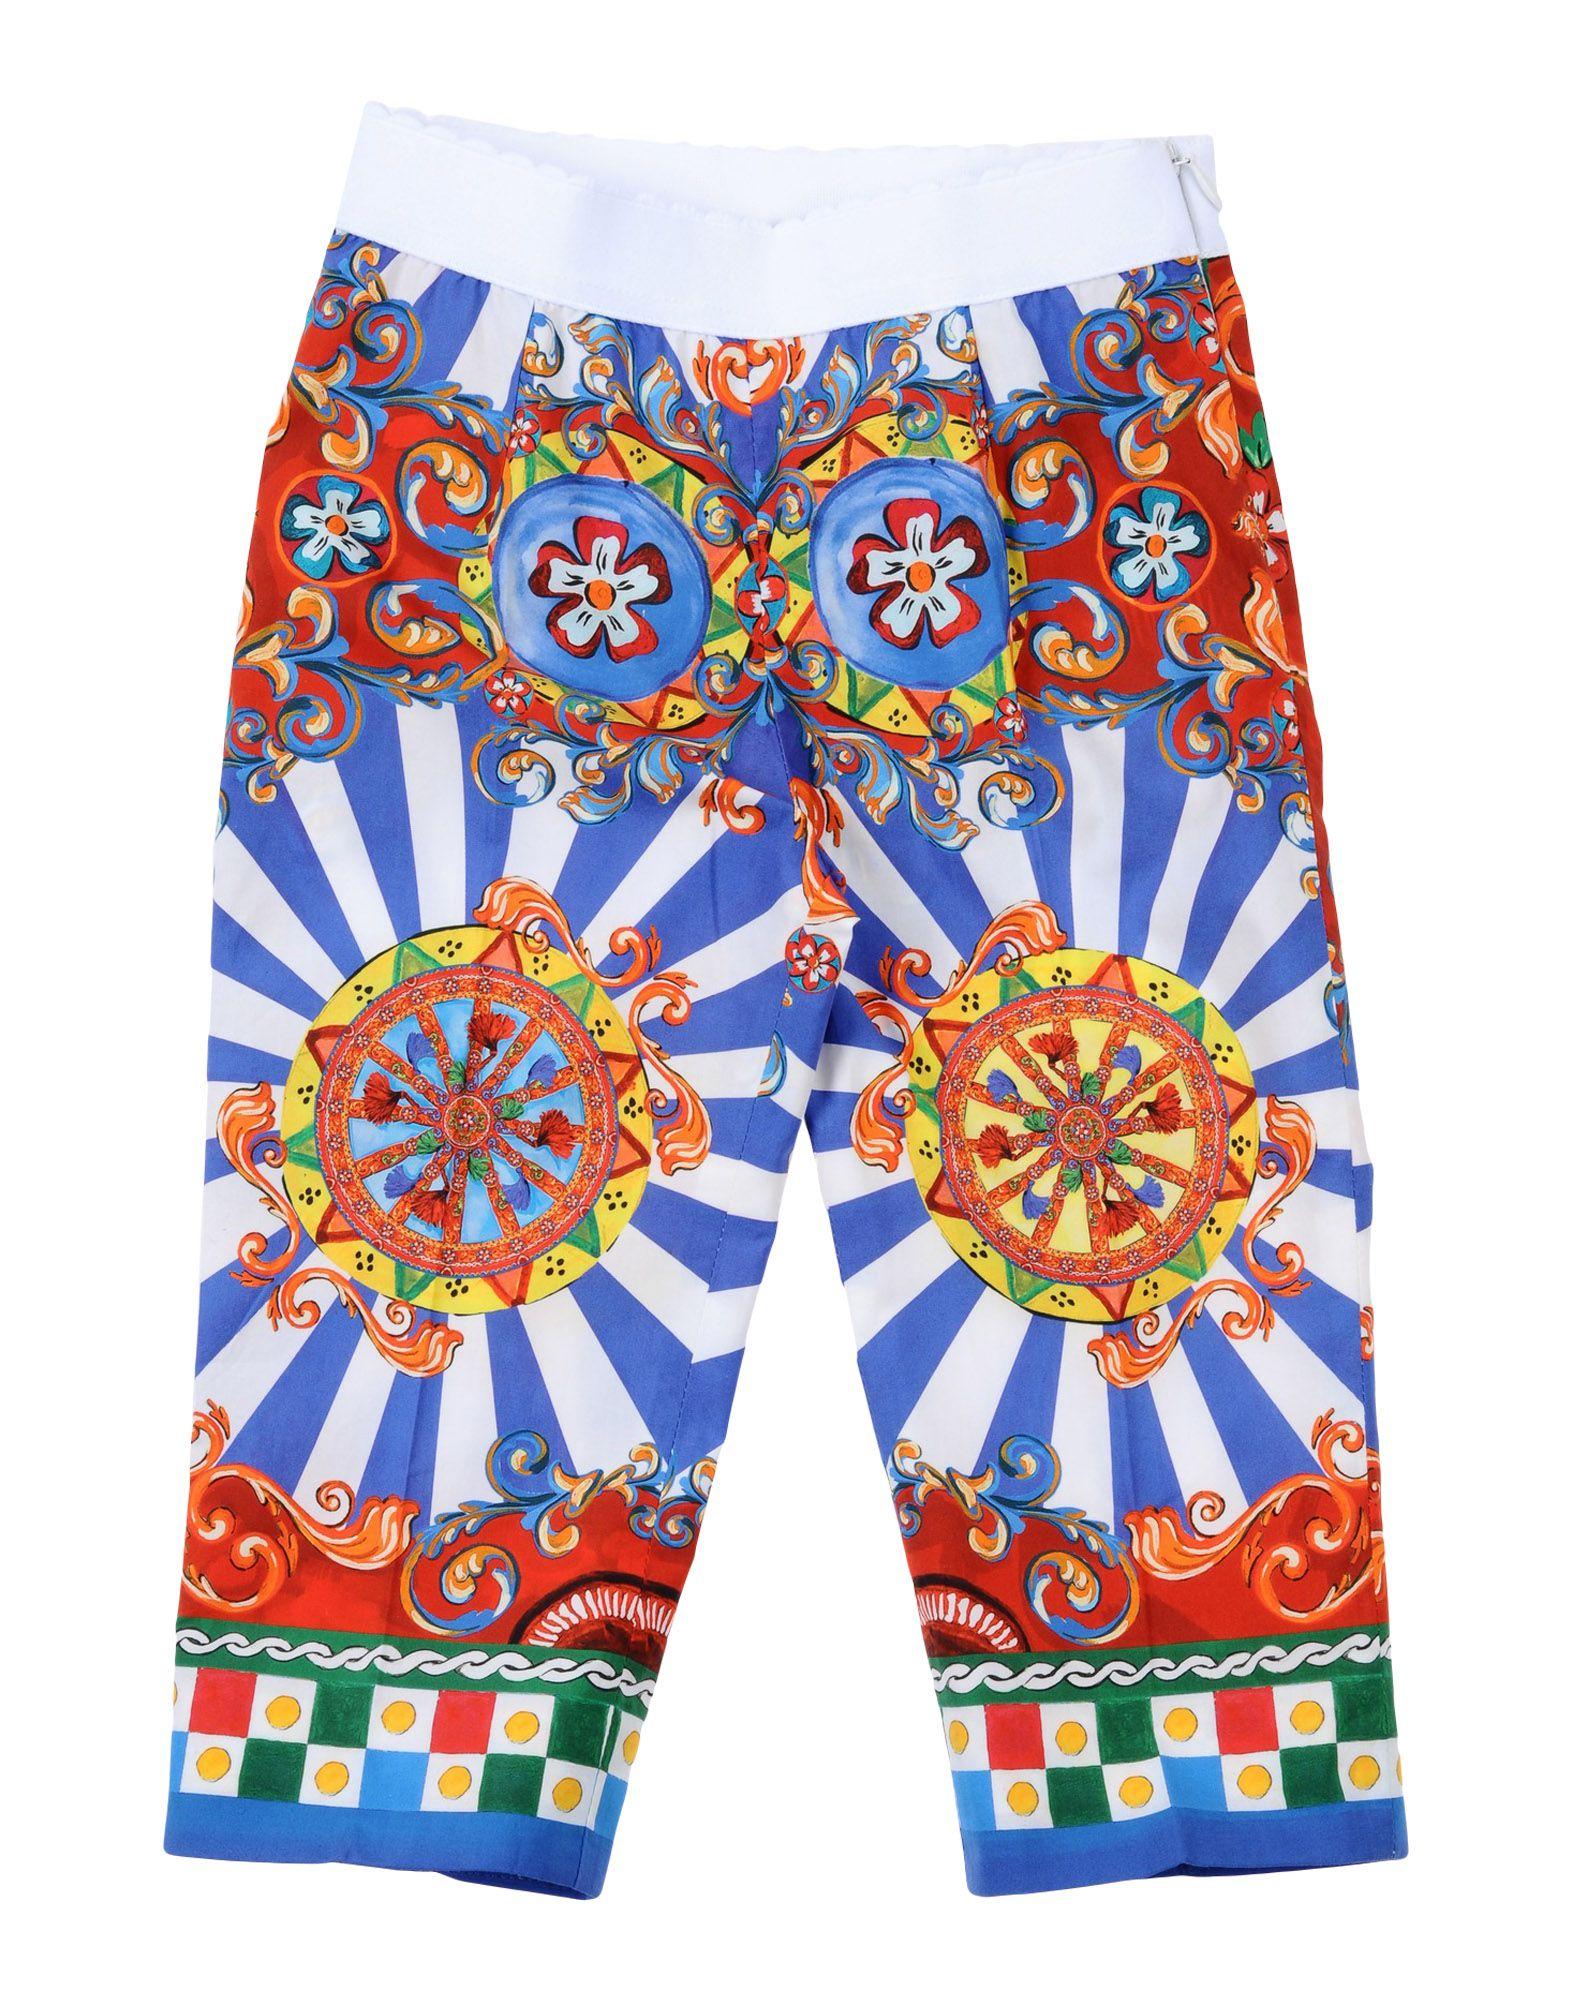 DOLCE & GABBANA | DOLCE & GABBANA Casual pants 13147610 | Goxip